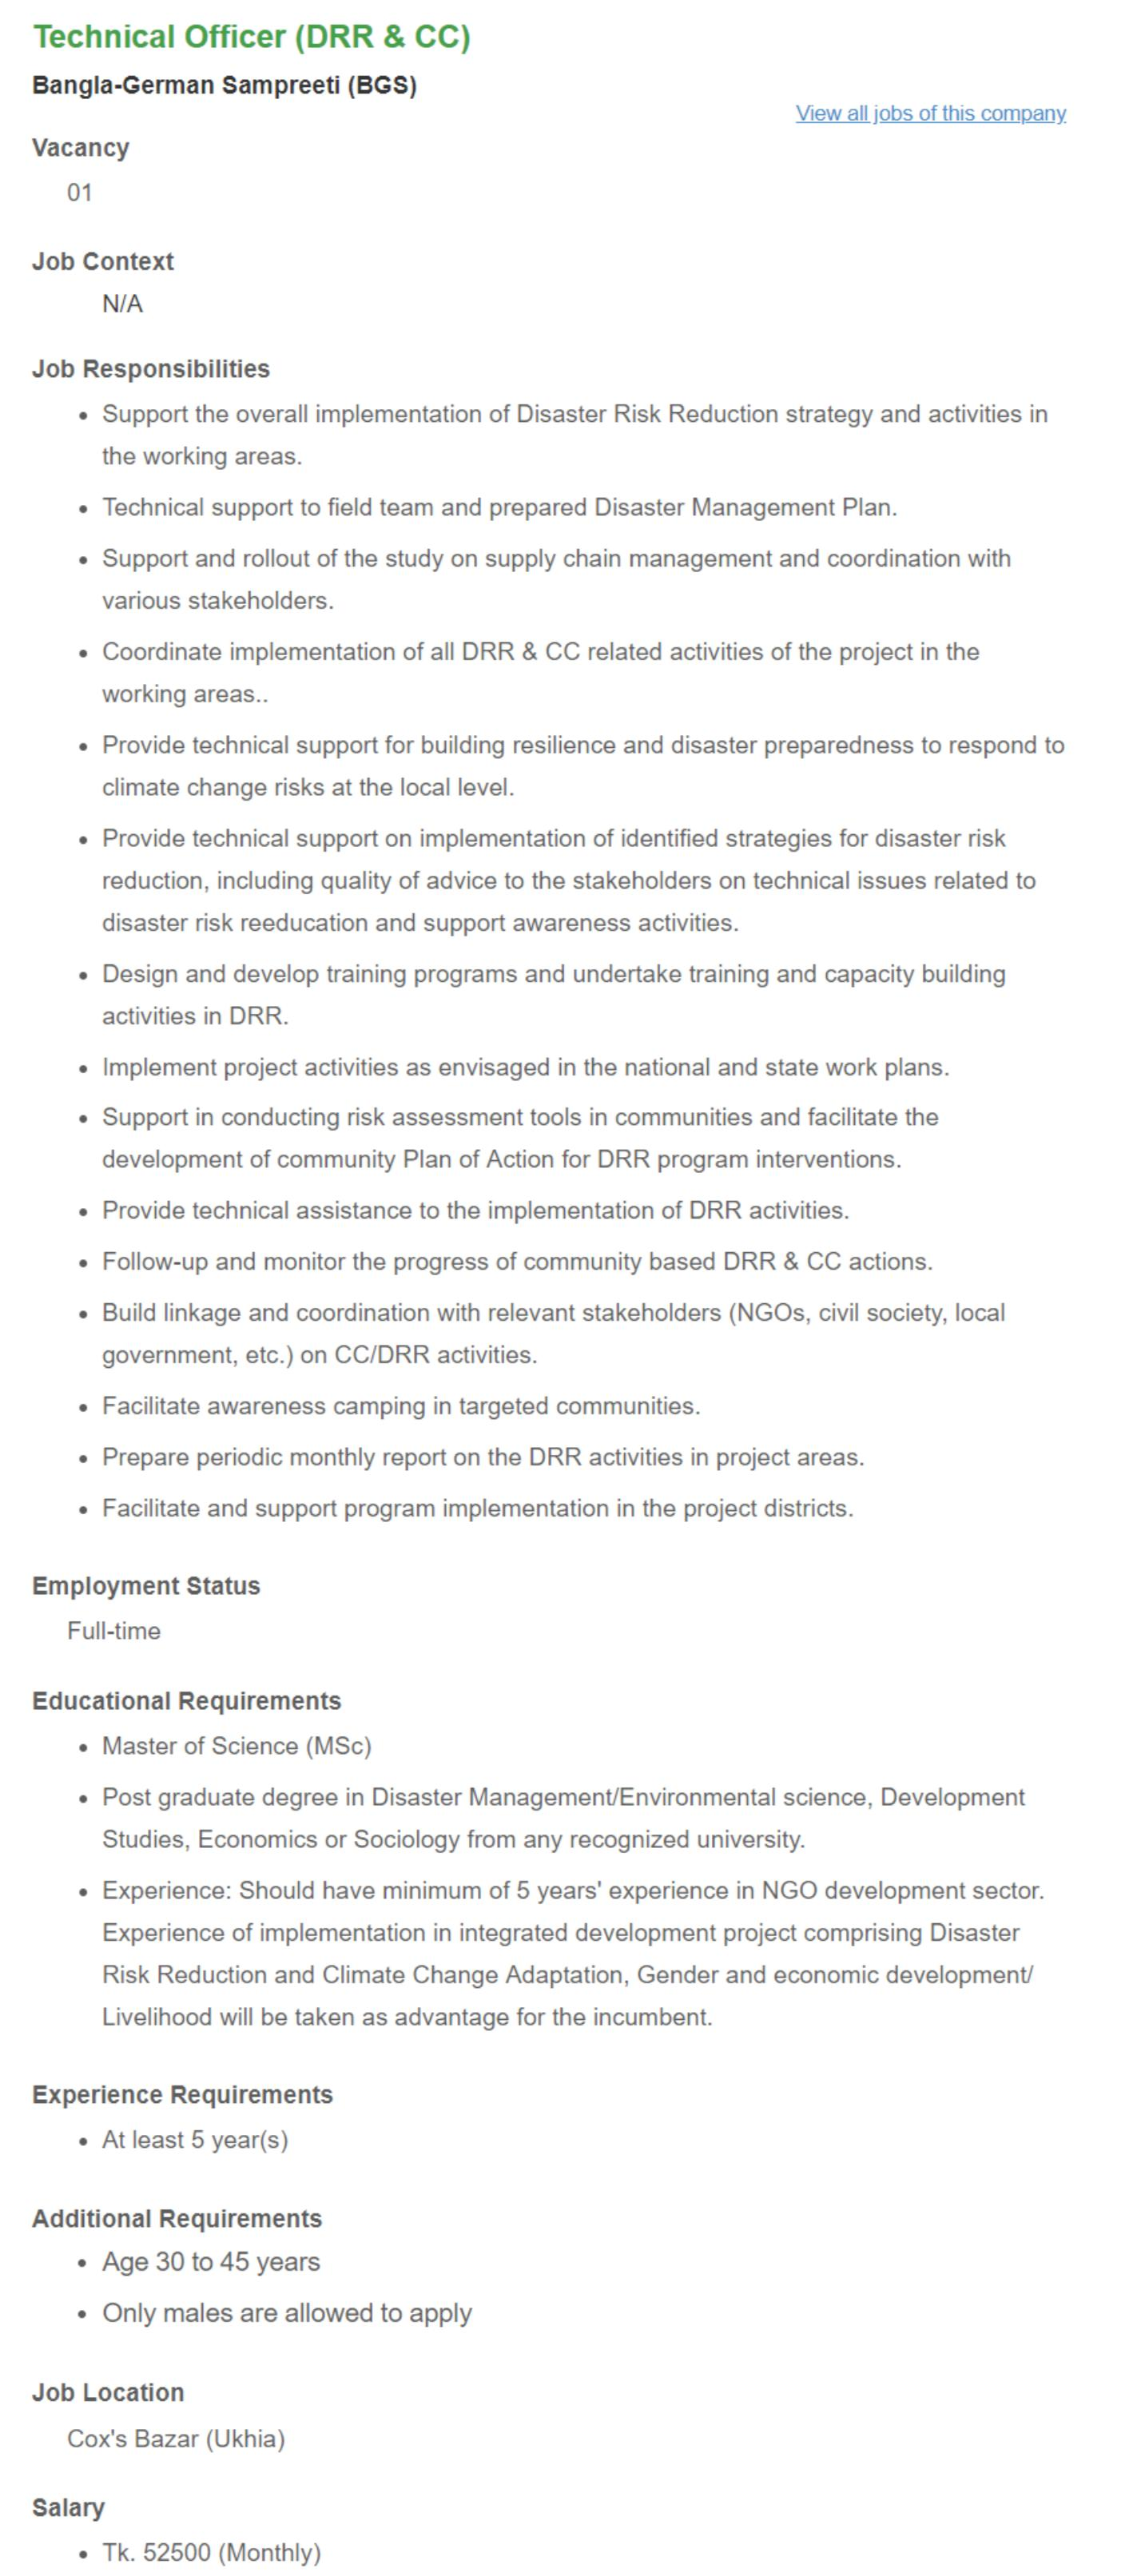 Bangla-German Sampreeti BGS Job Circular in August 2018